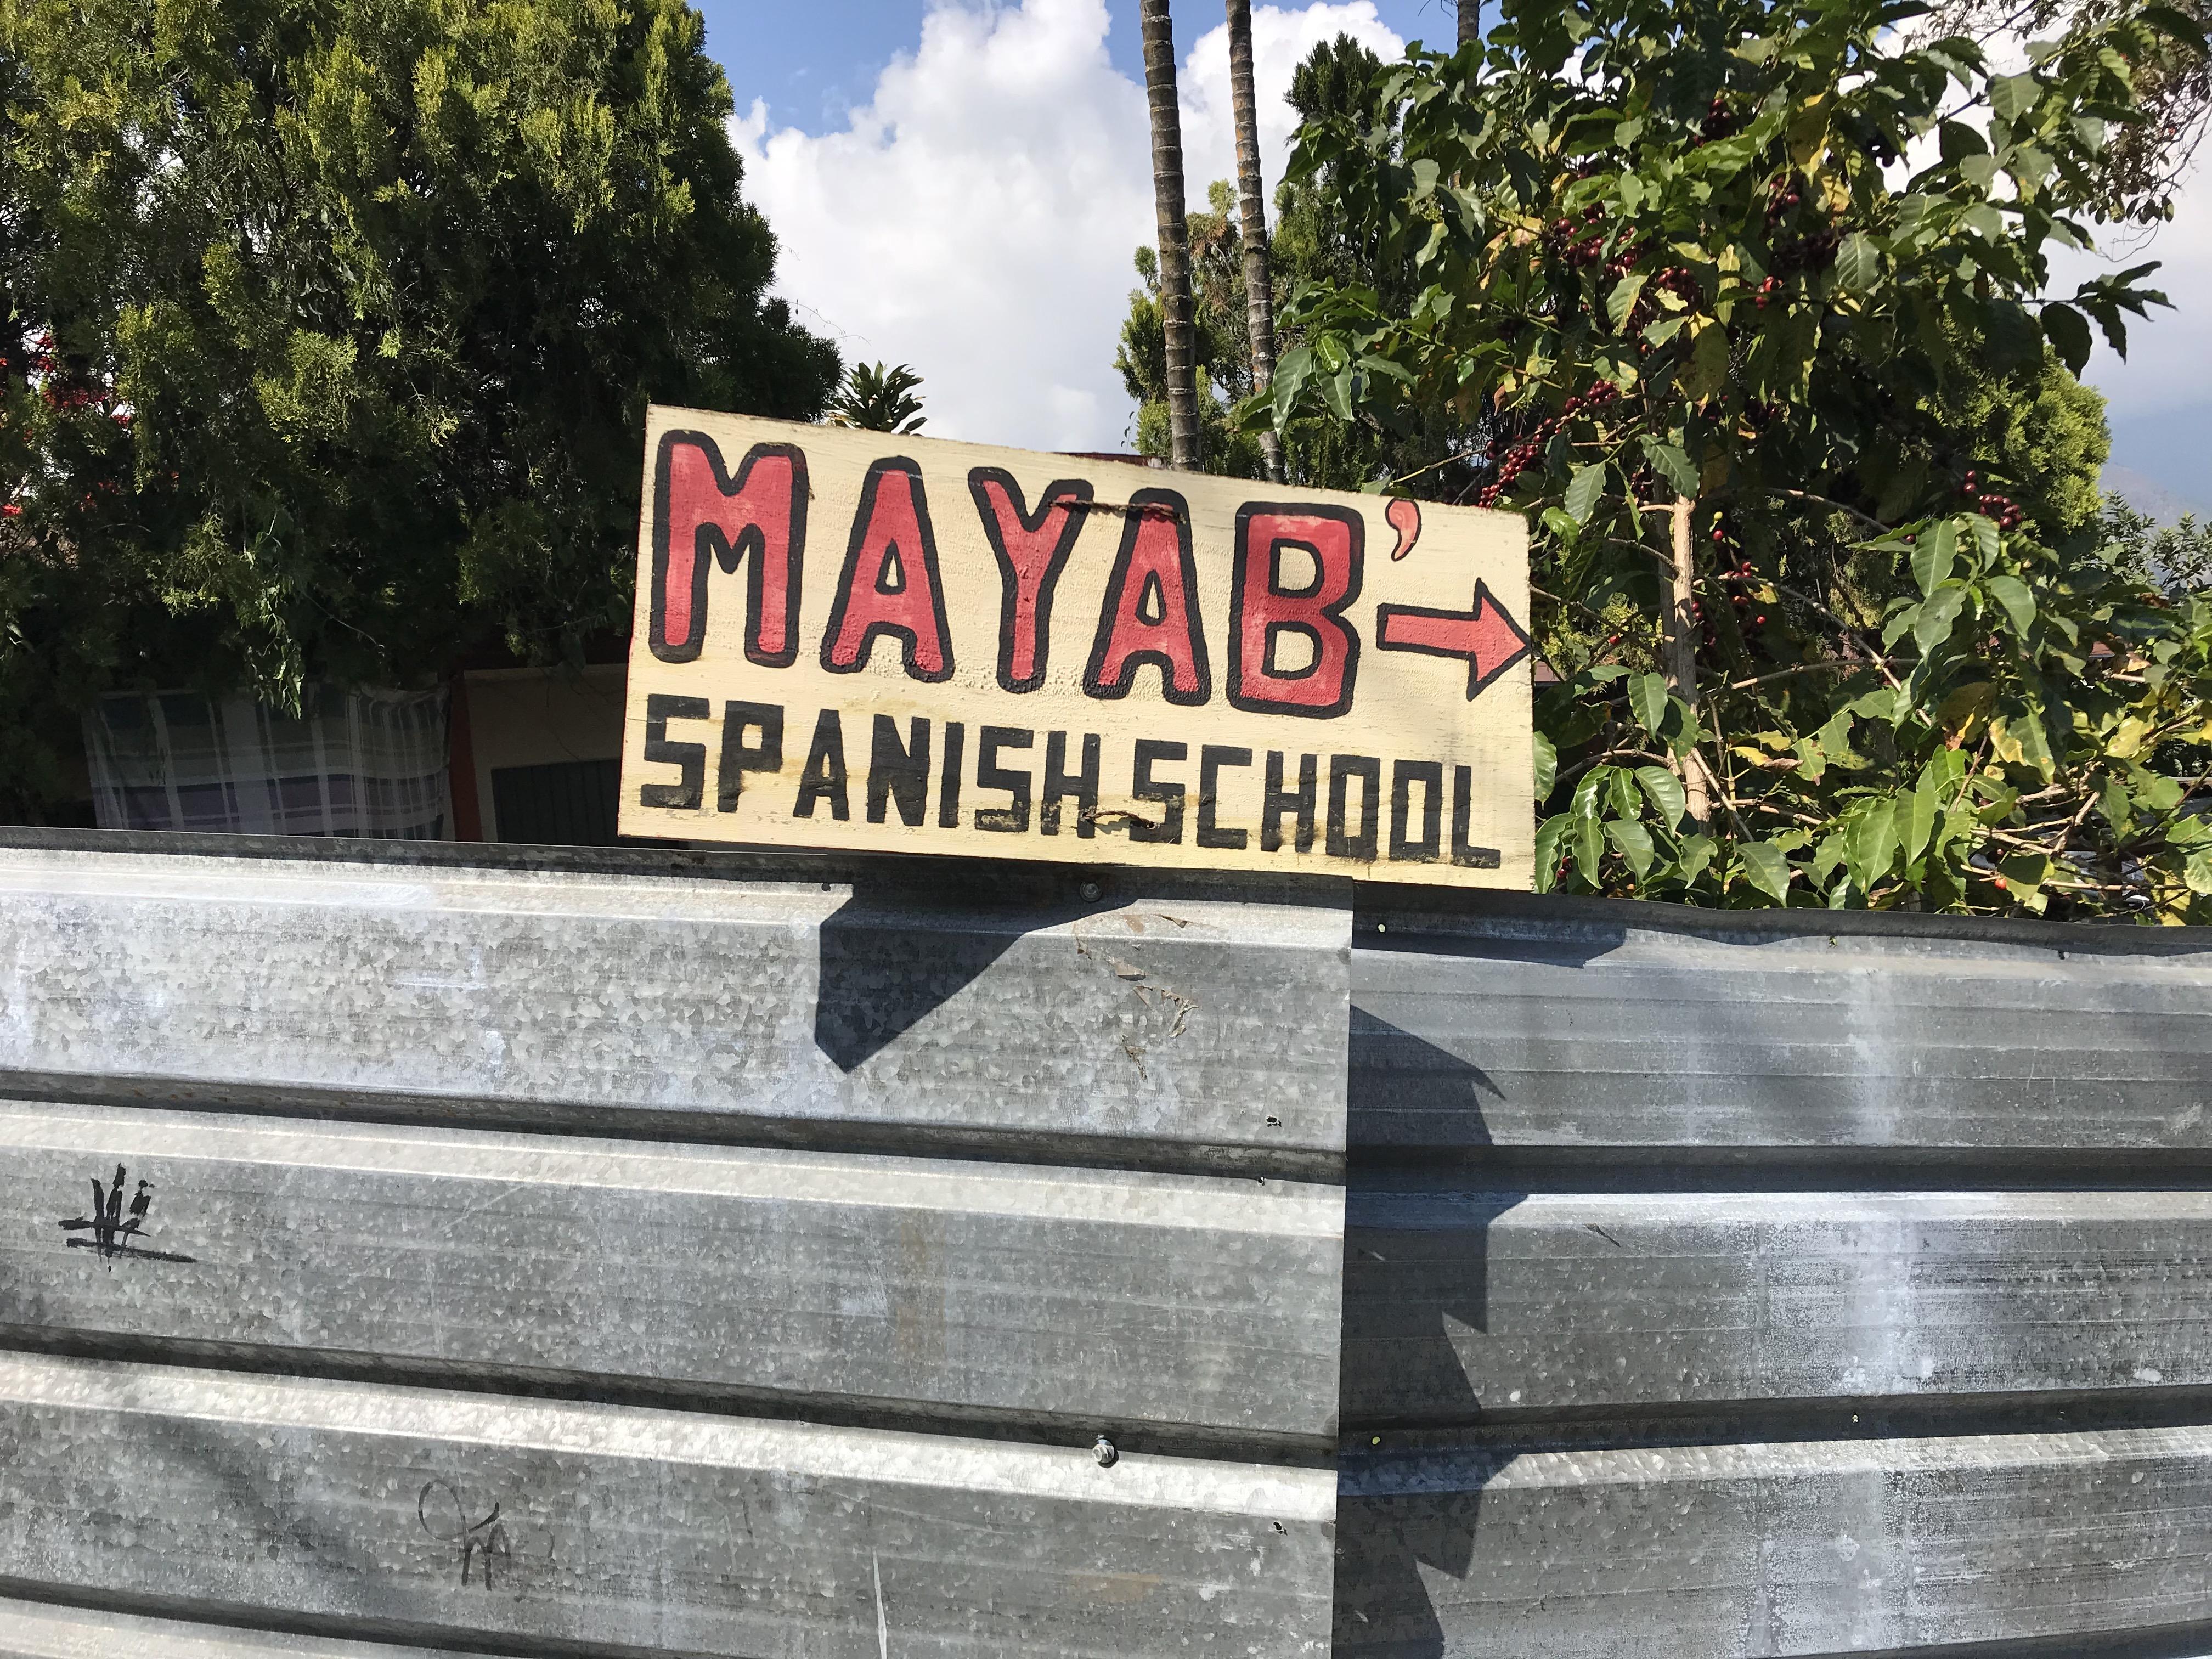 MAYAB' spanish school